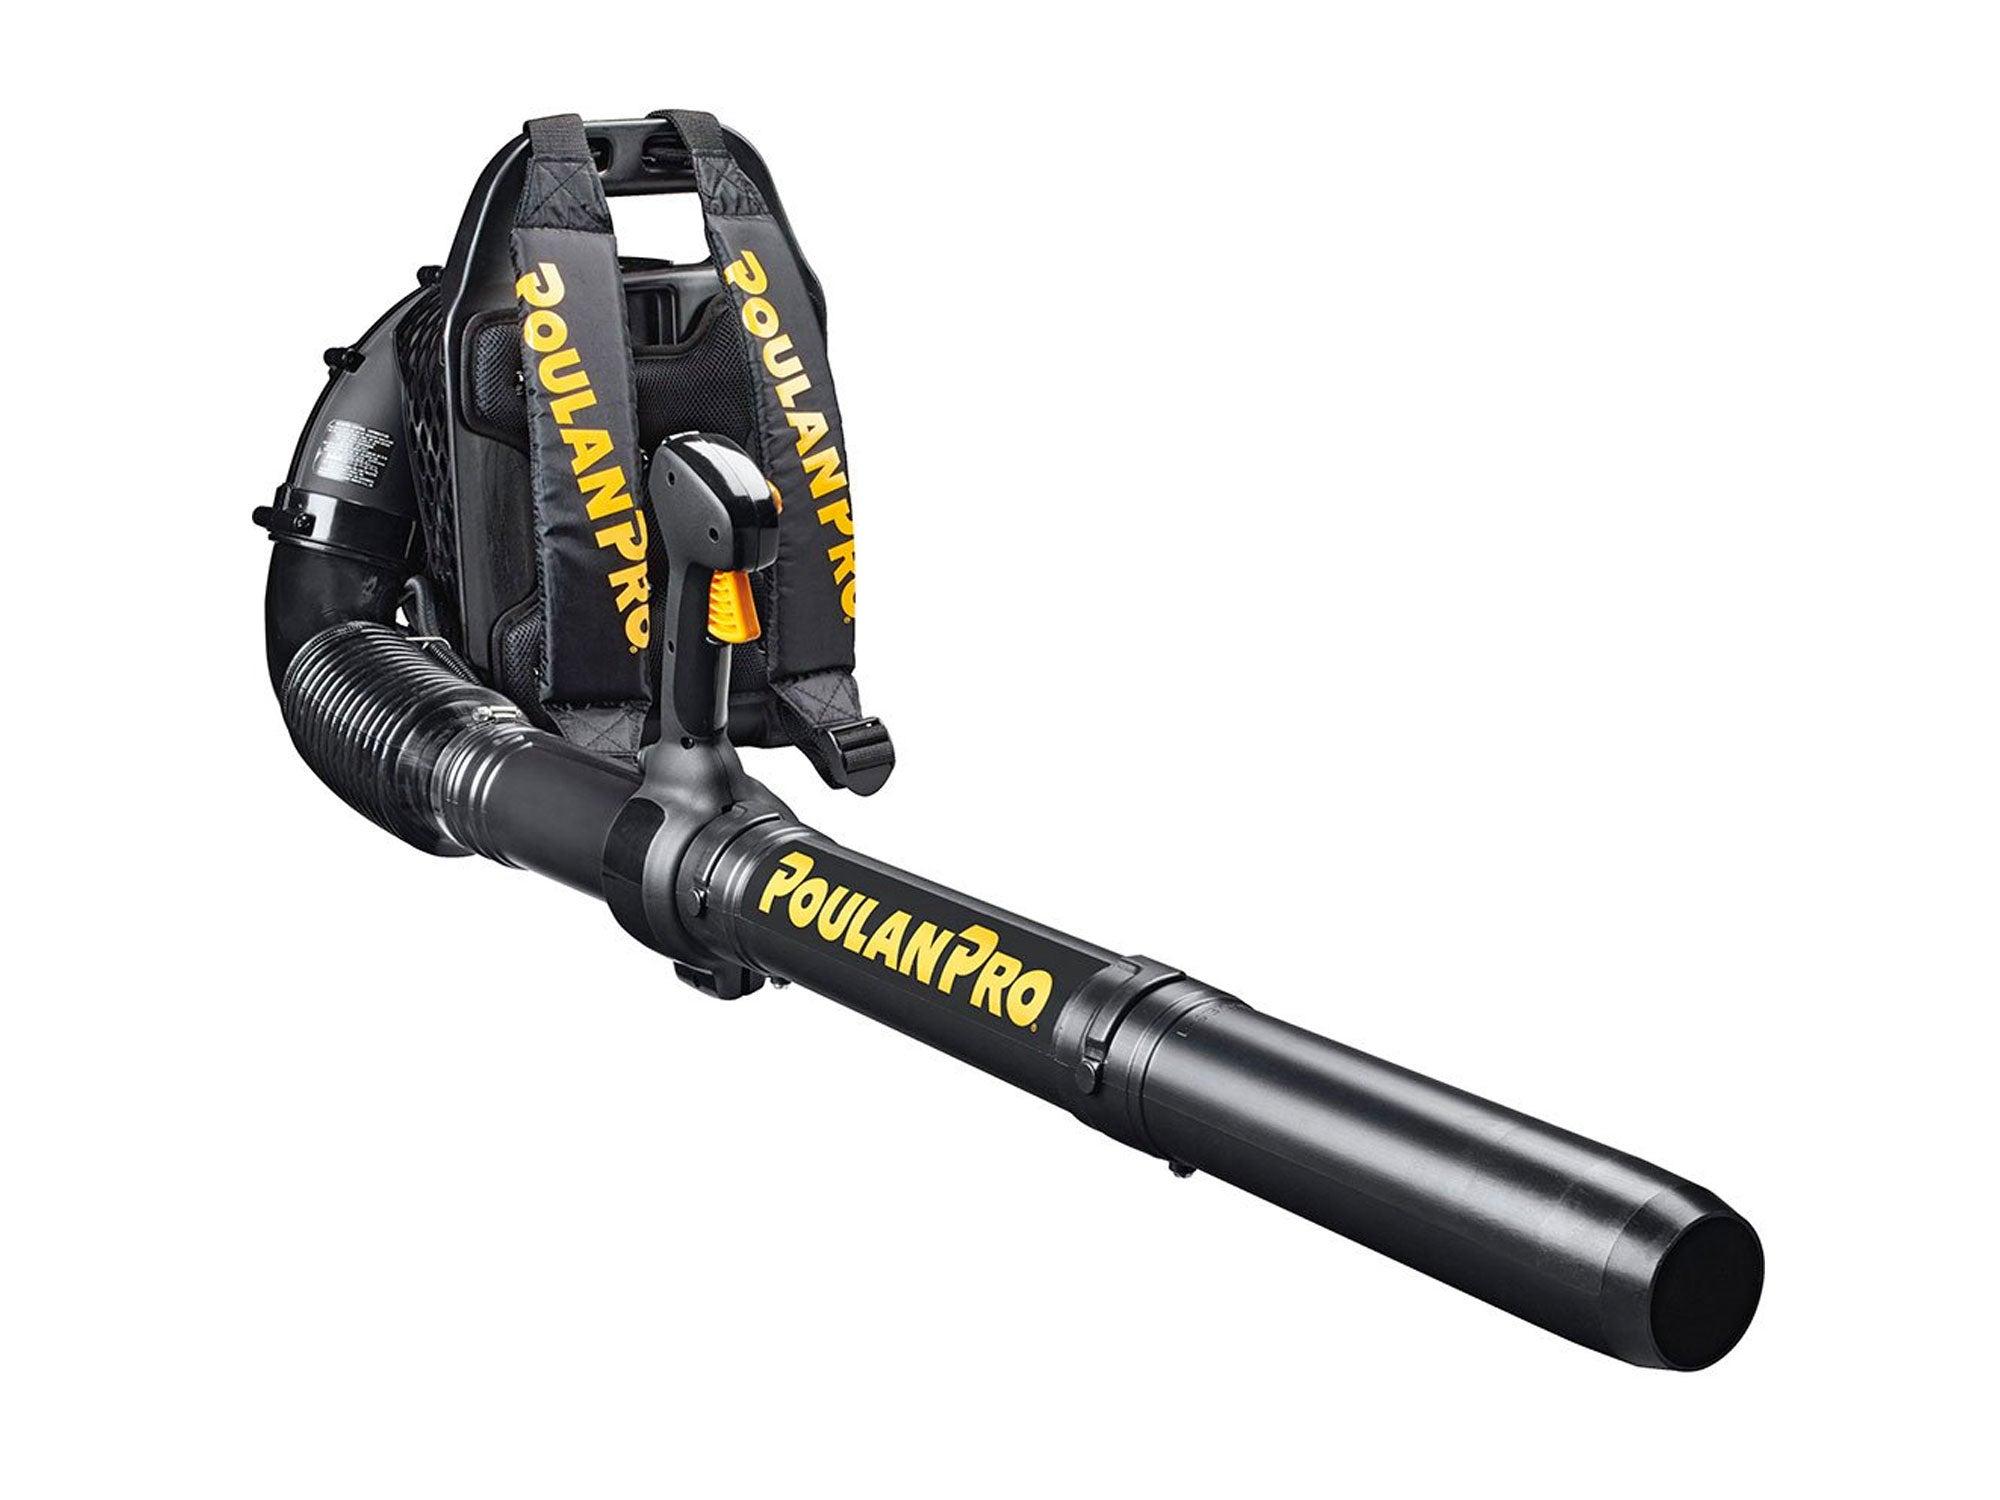 Poulan Pro Backpack Leaf Blower